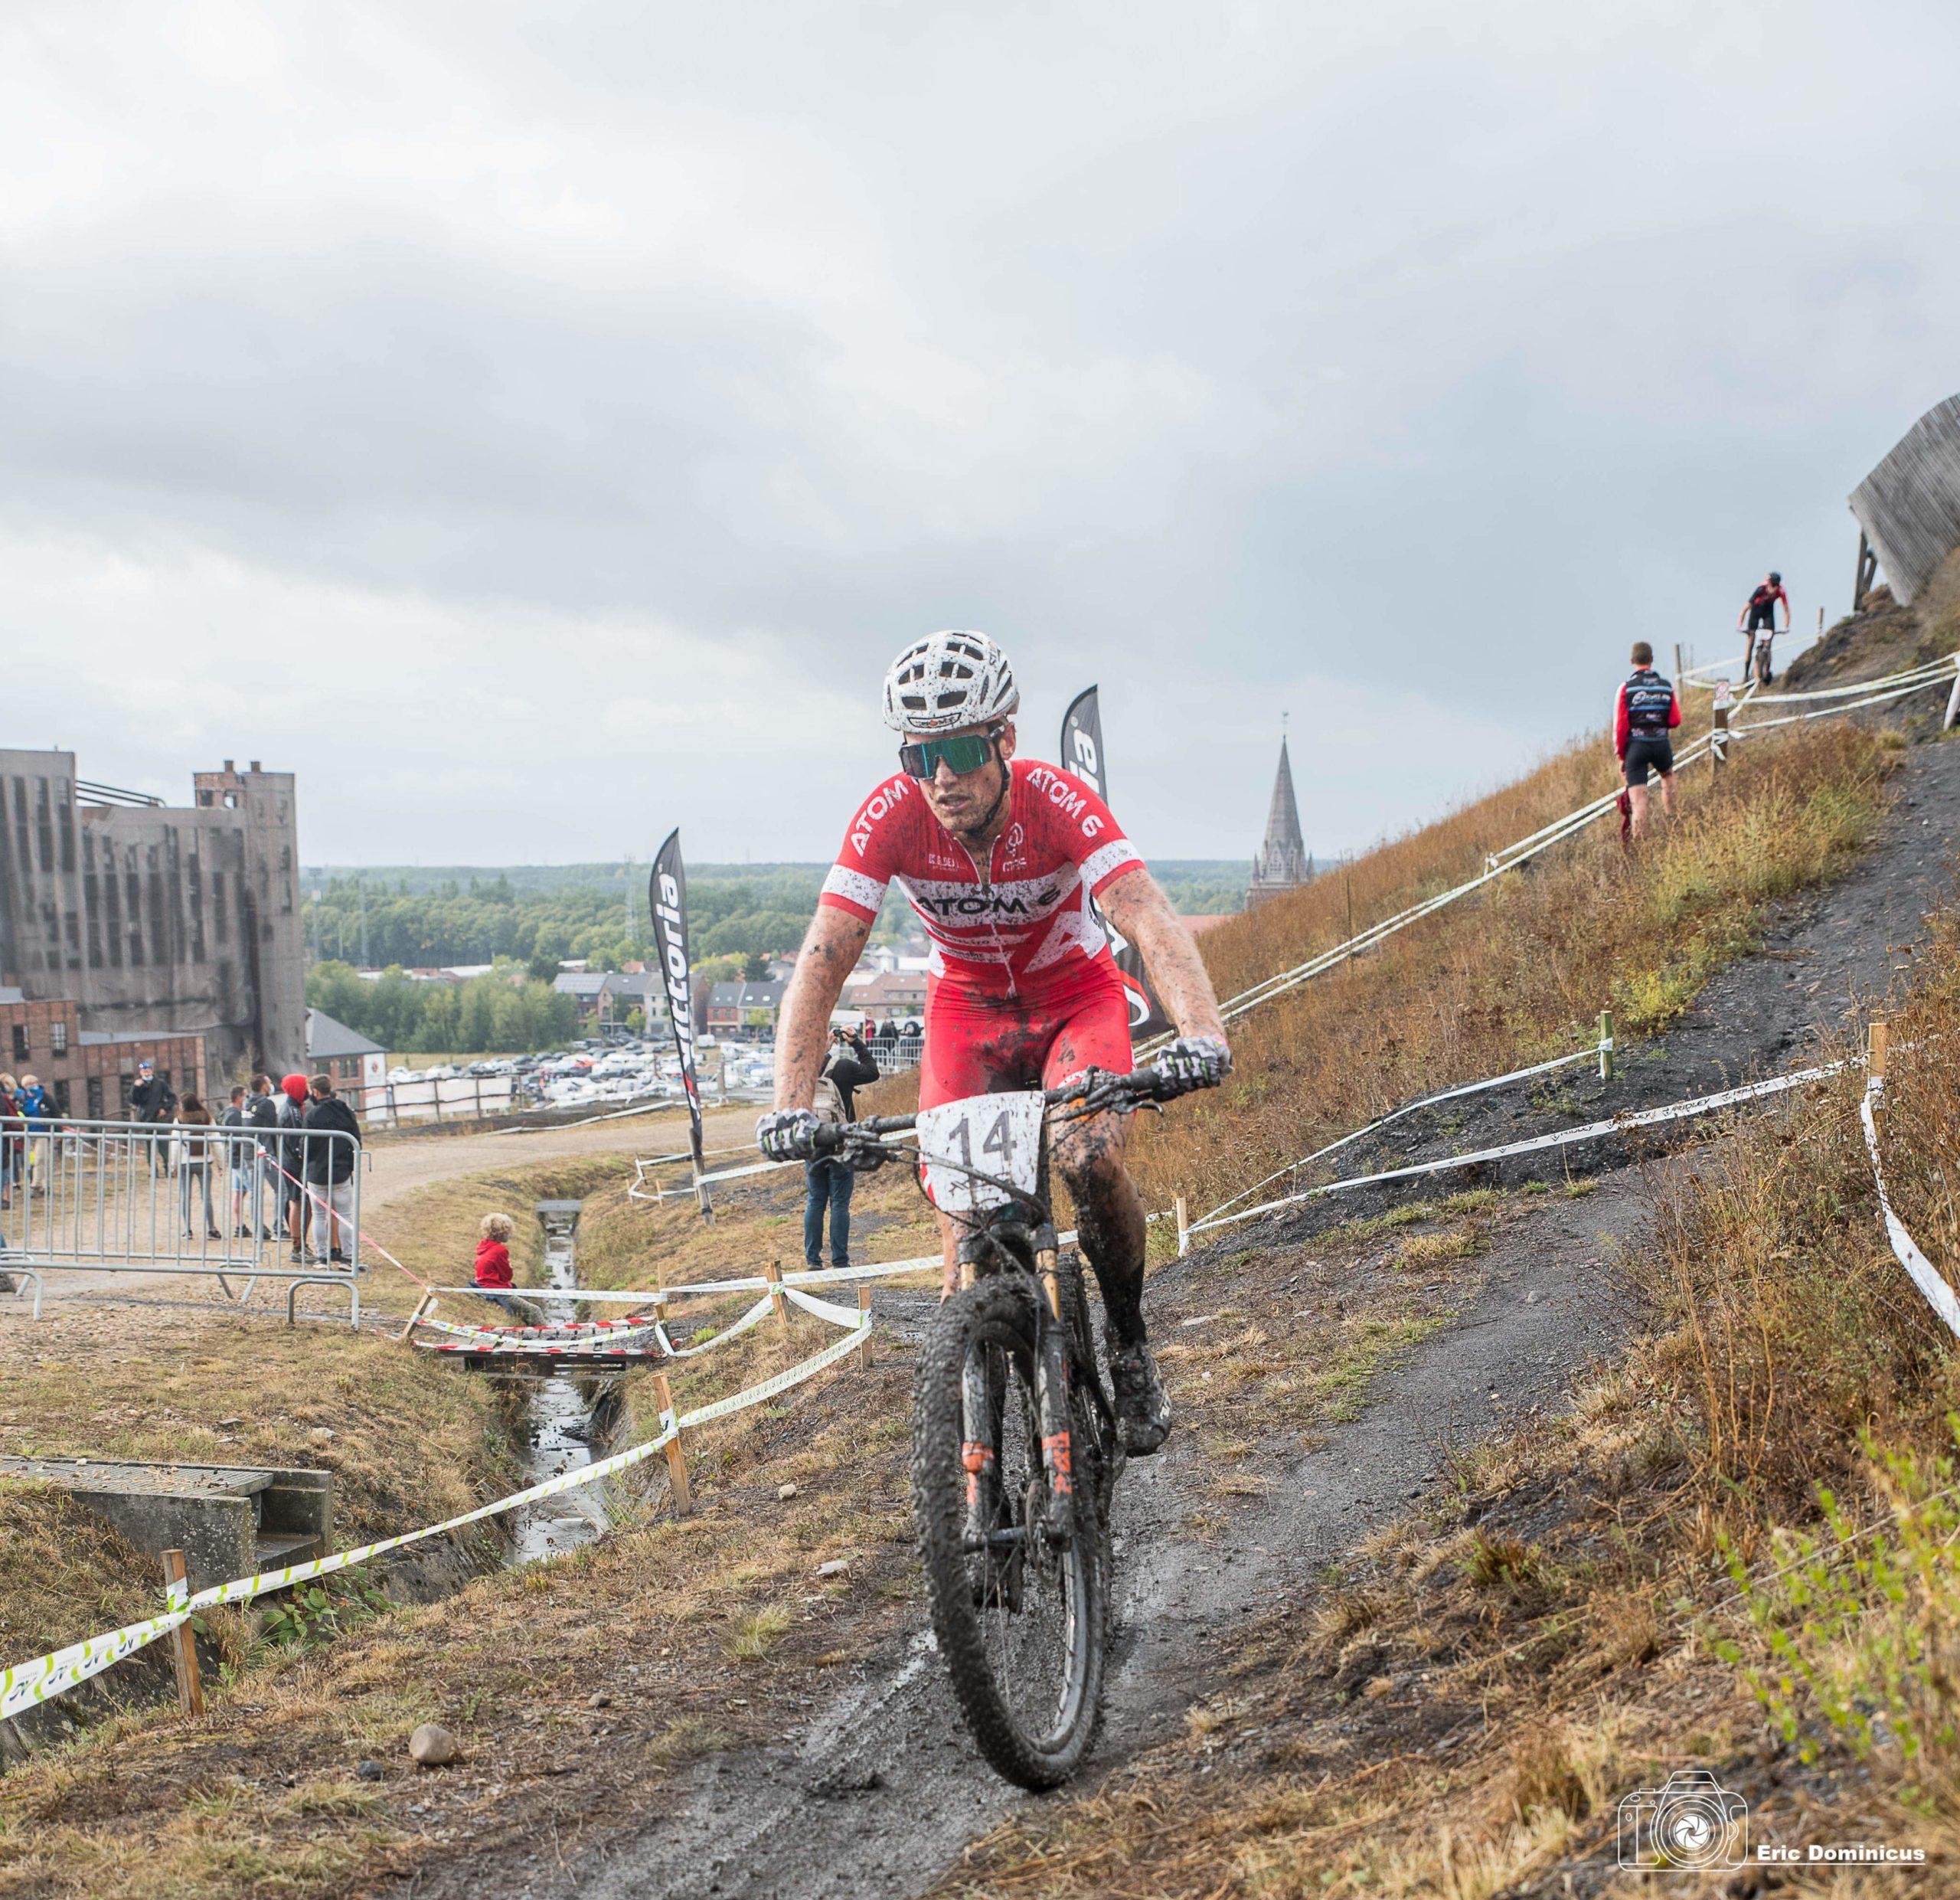 Wout gaat voor goud op BK Marathon in La Roche